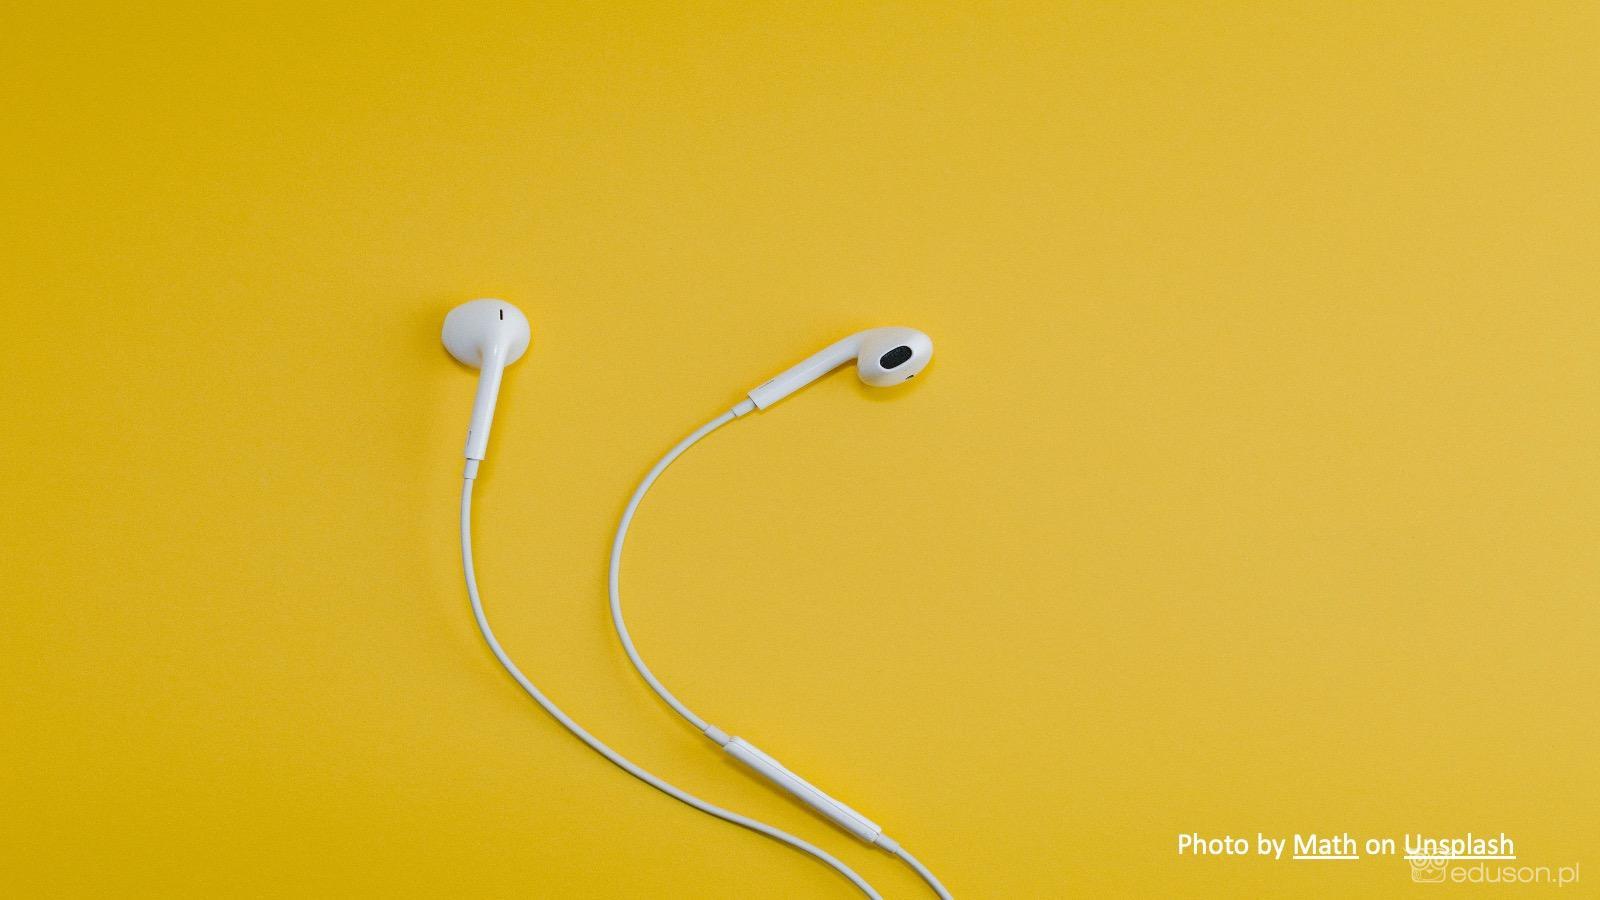 #37 Żółtaczka w odcieniach szarości - Portal wymiany wiedzy o ultrasonografii - Eduson